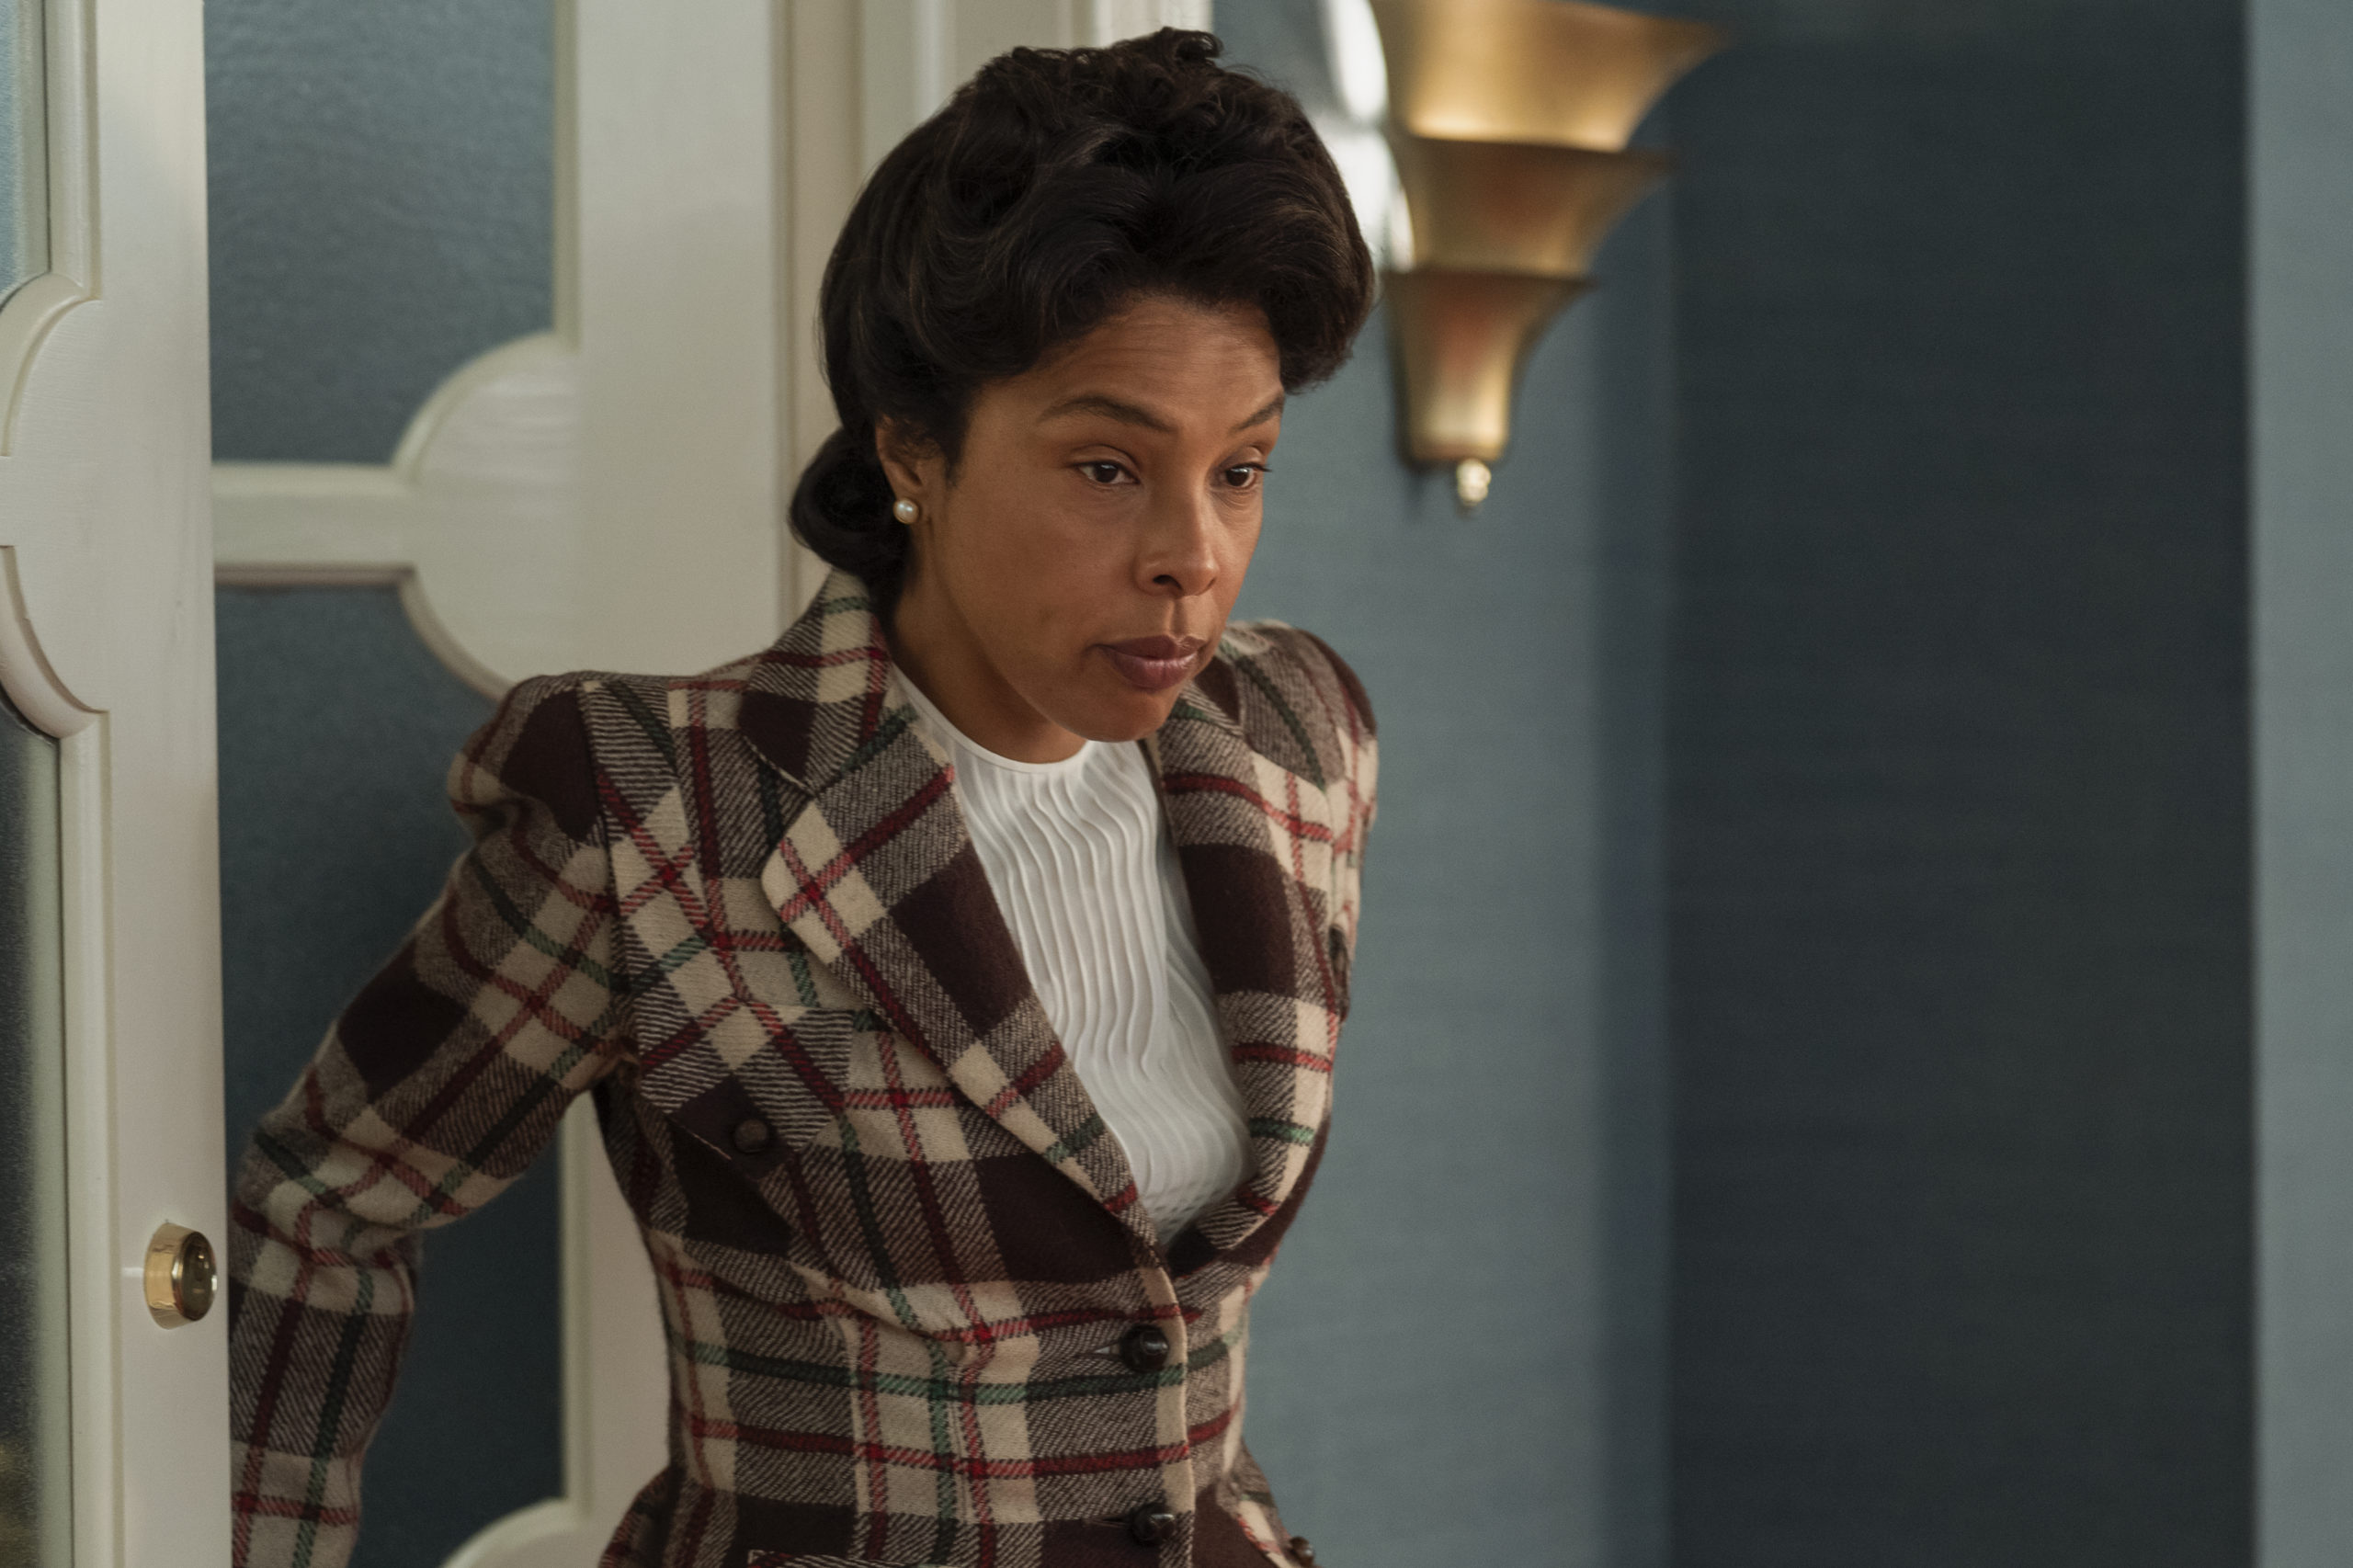 Cena da série Ratched. A cena mostra Sophie Okonedo, uma mulher negra, olhando para baixo com expressão distante. Ela usa roupas com estampa de xadrez marrom.